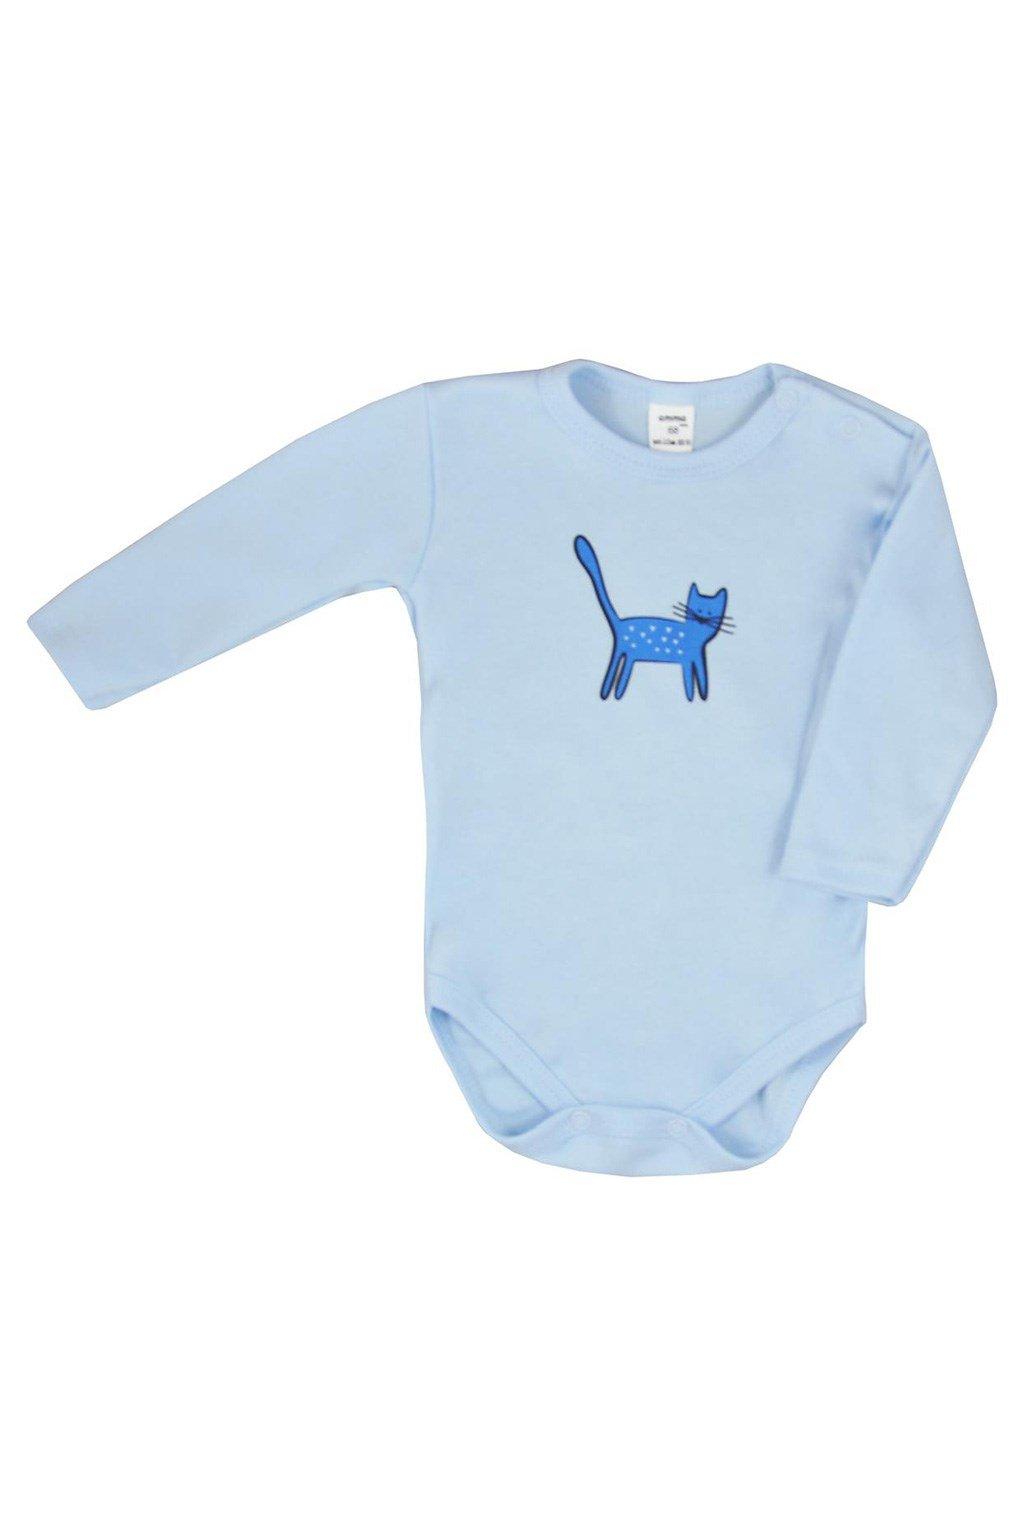 Dojčenské body s dlhým rukávom Koala Cute animals modré